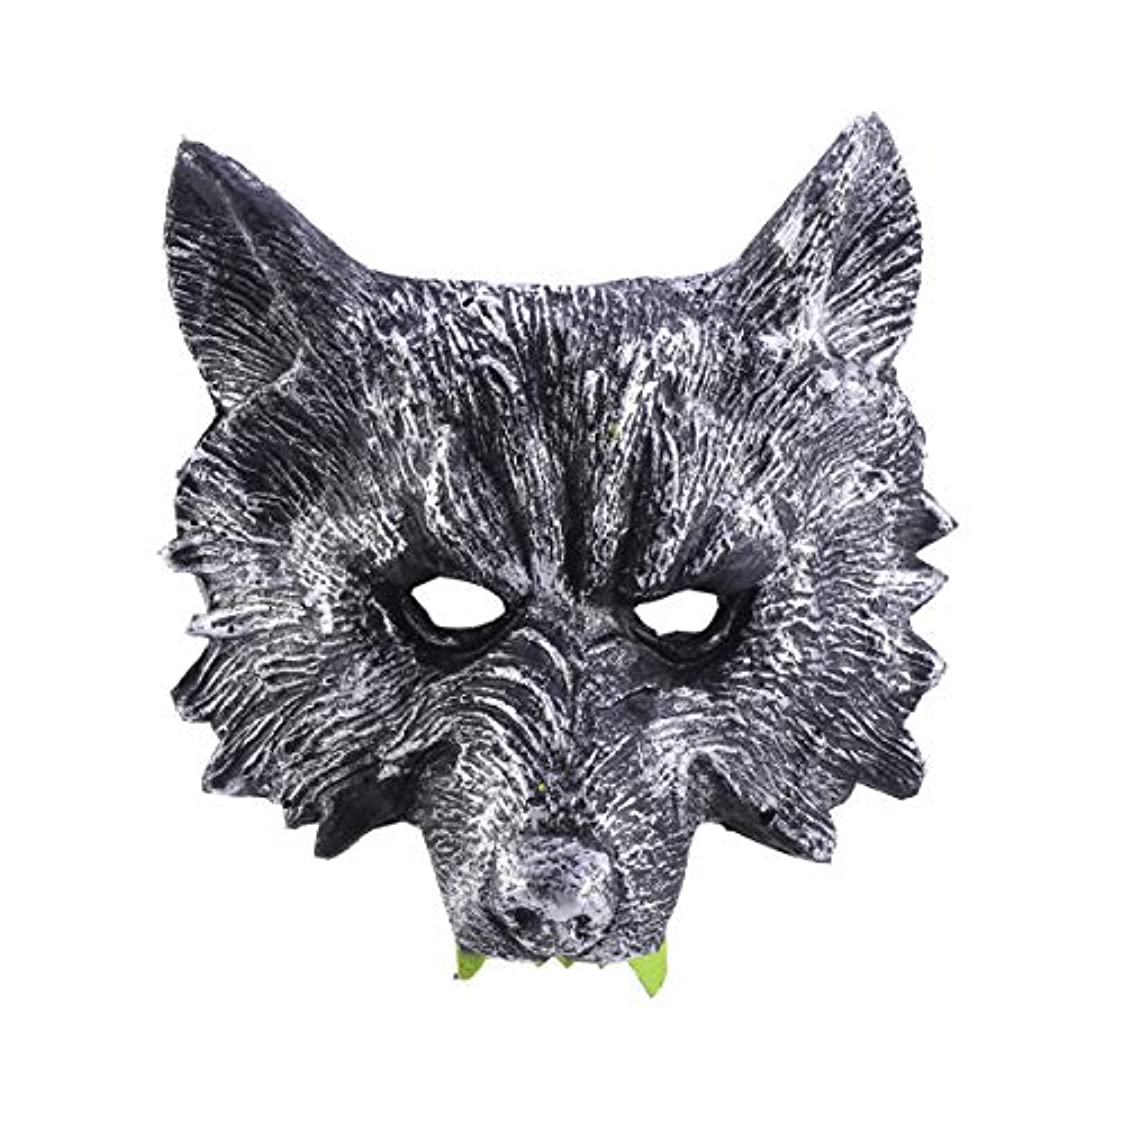 ポーチ社会マスクToyvian ハロウィーン仮装パーティーのための灰色オオカミマスク